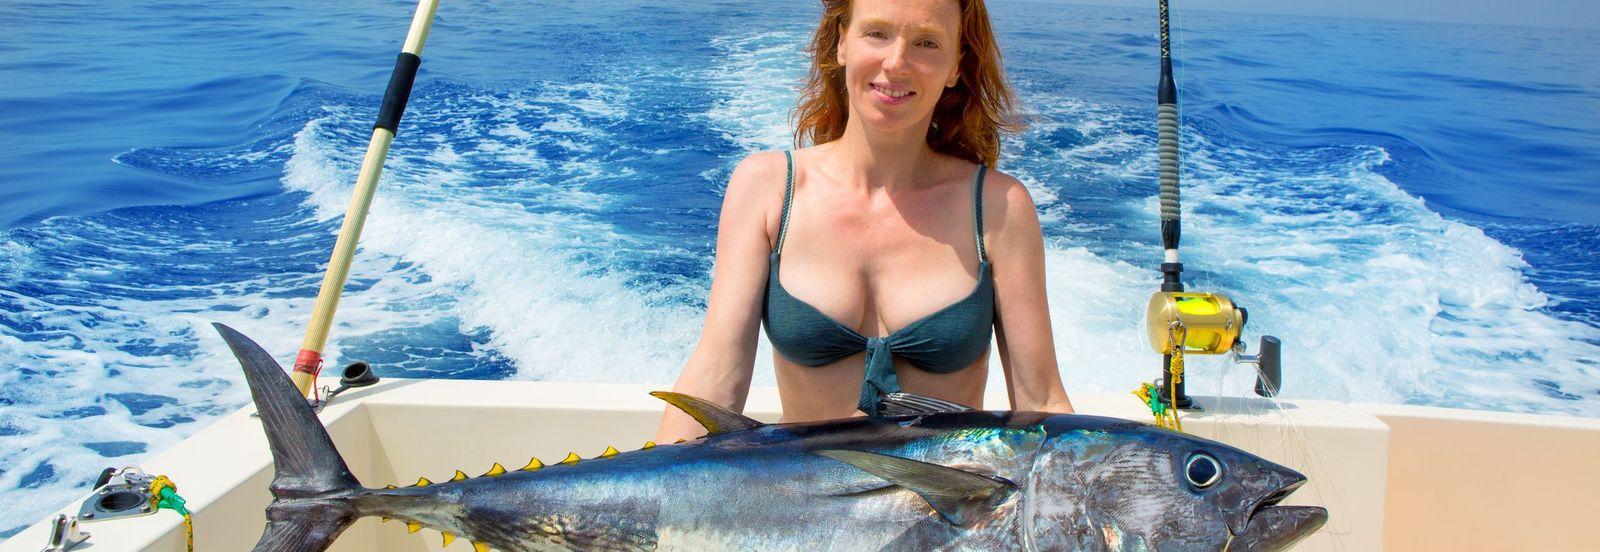 FULL DAY FISHING